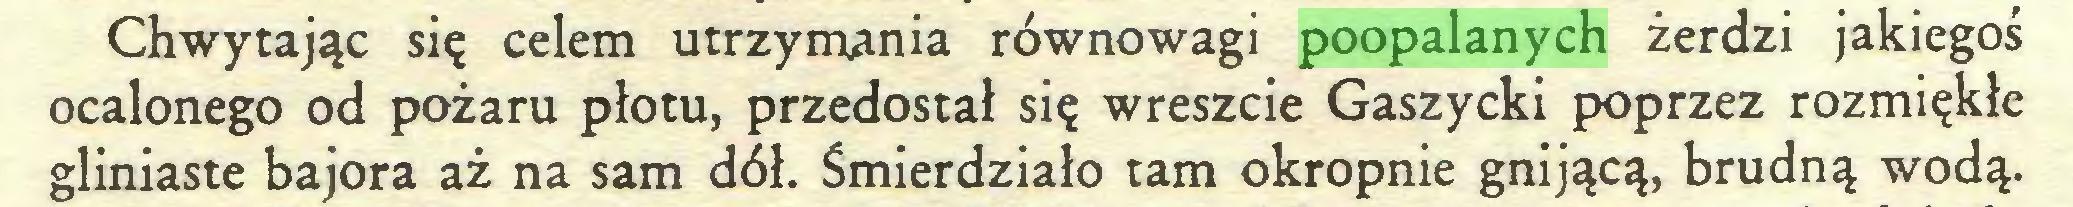 (...) Chwytając się celem utrzymania równowagi poopalanych żerdzi jakiegoś ocalonego od pożaru płotu, przedostał się wreszcie Gaszycki poprzez rozmiękłe gliniaste bajora aż na sam dół. Śmierdziało tam okropnie gnijącą, brudną wodą...